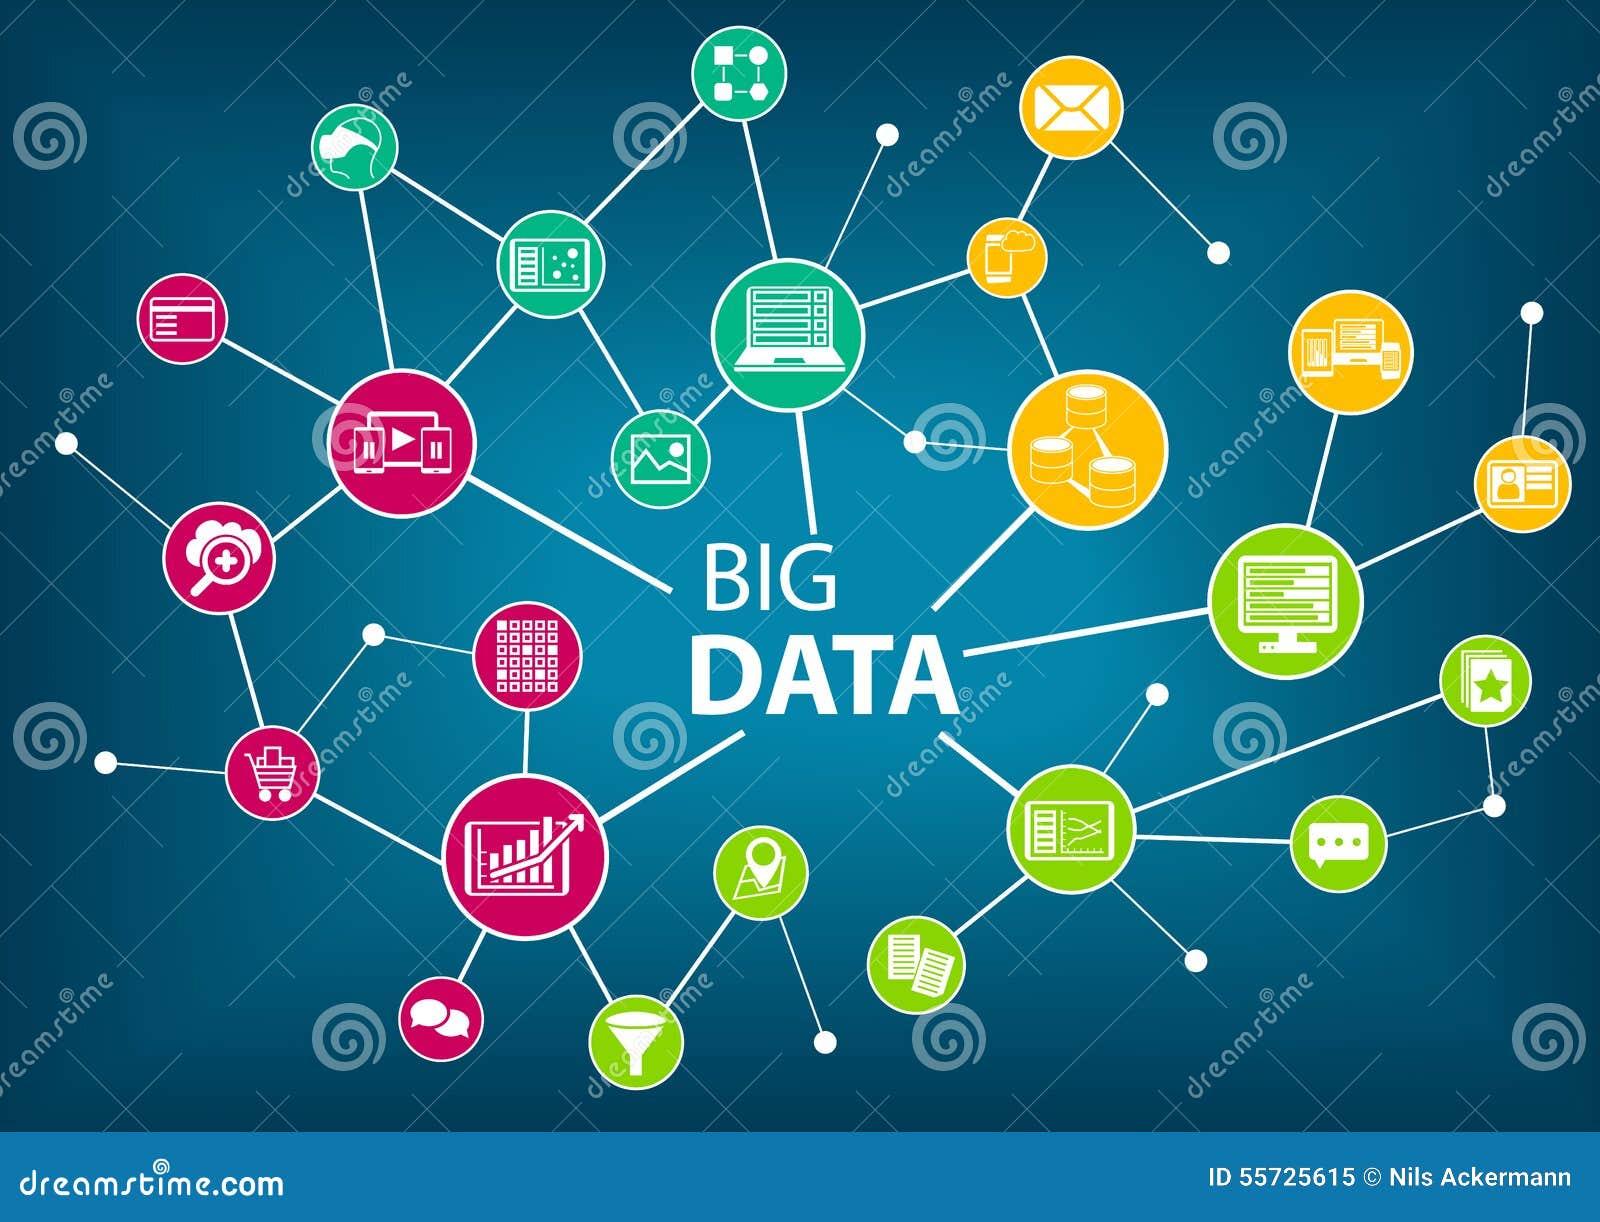 Μεγάλη έννοια στοιχείων και analytics Συνδεδεμένες συσκευές και πληροφορίες κοινές στις διάφορες θέσεις